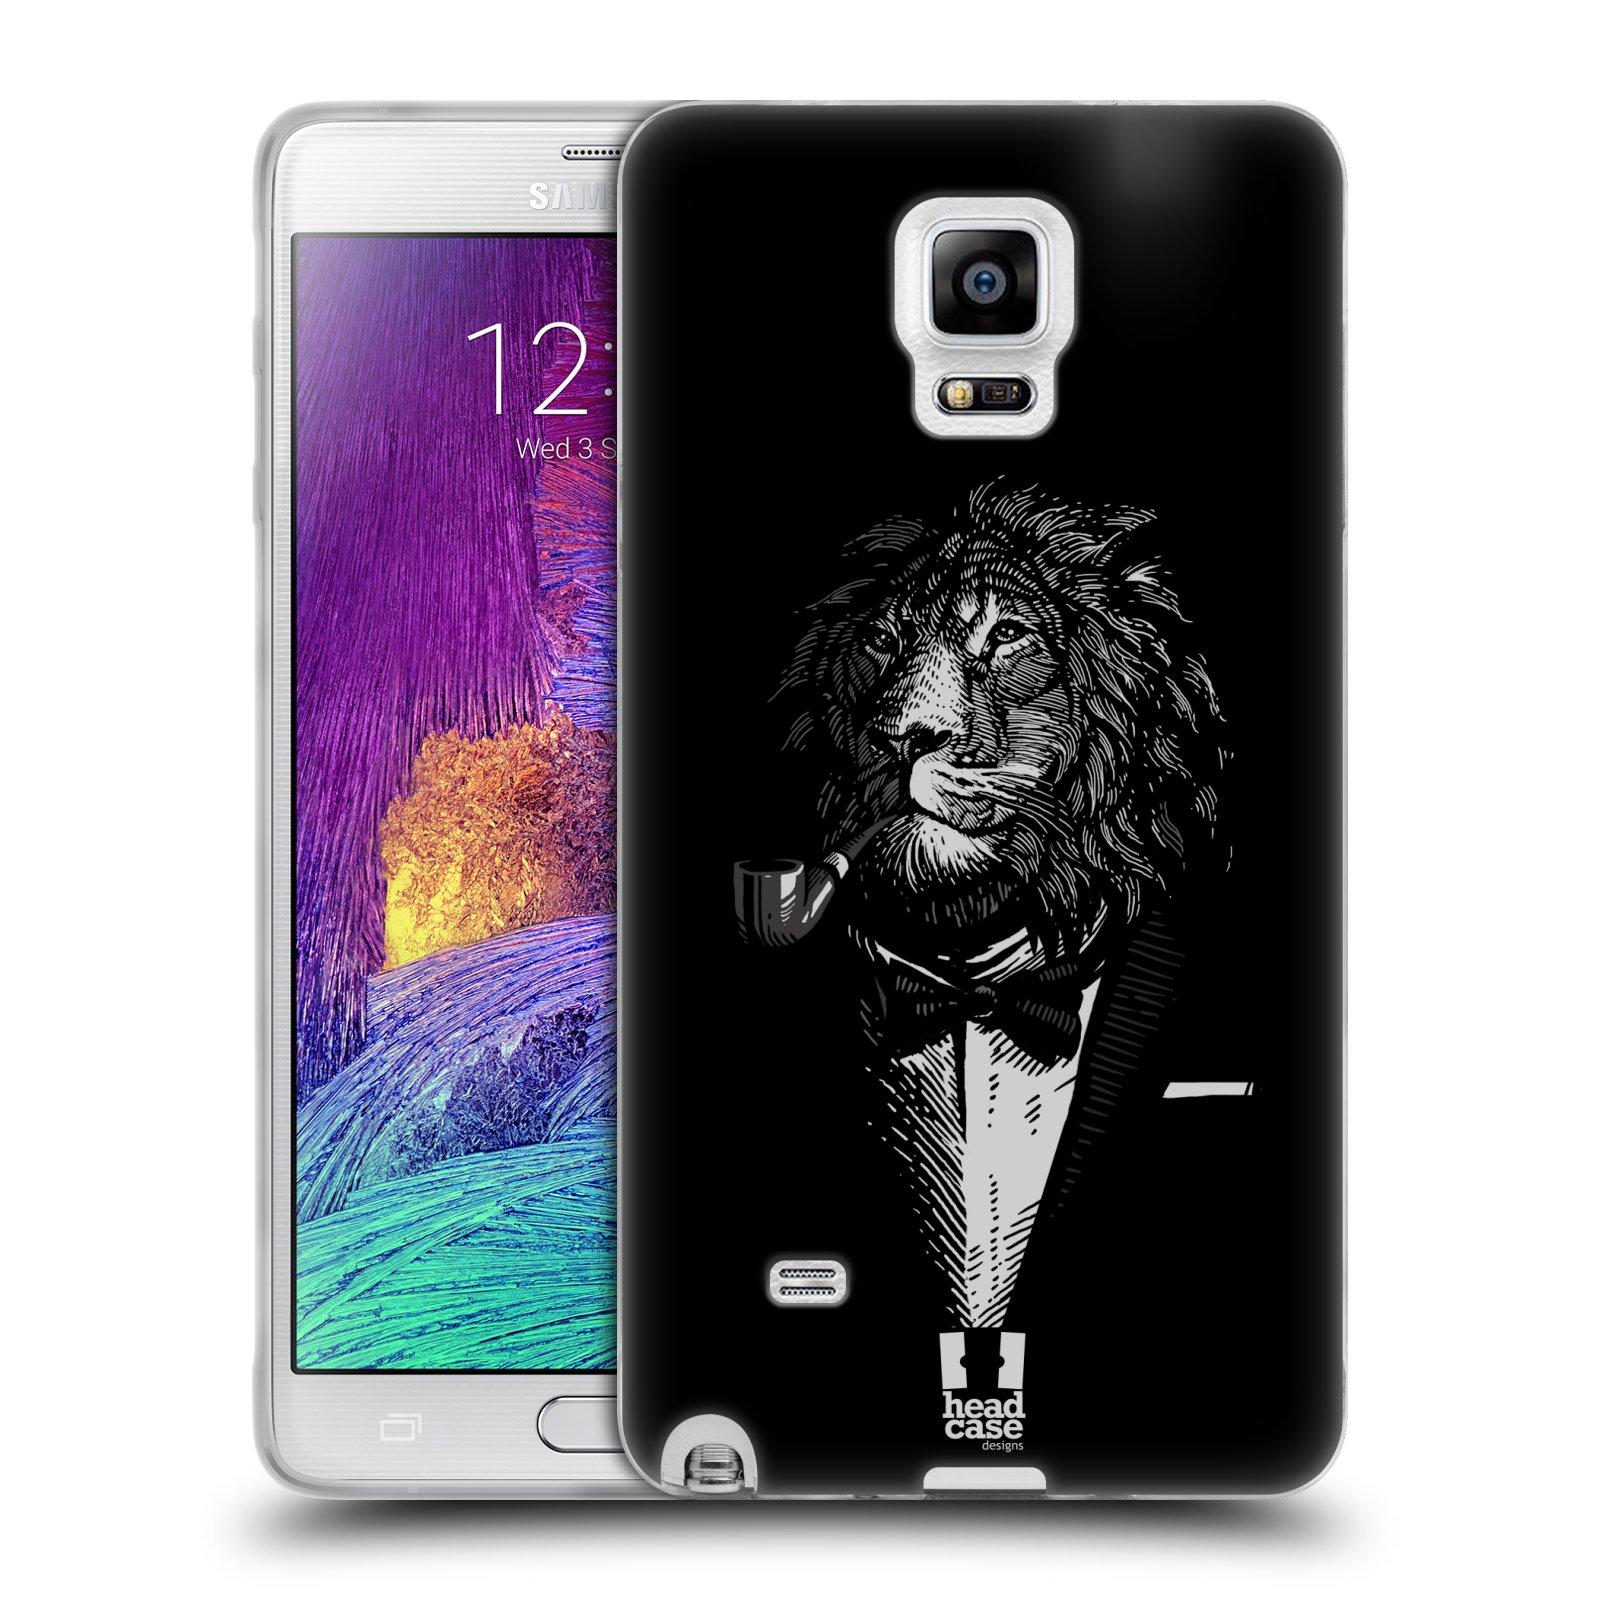 HEAD CASE silikonový obal na mobil Samsung Galaxy Note 4 (N910) vzor Zvíře v obleku lev